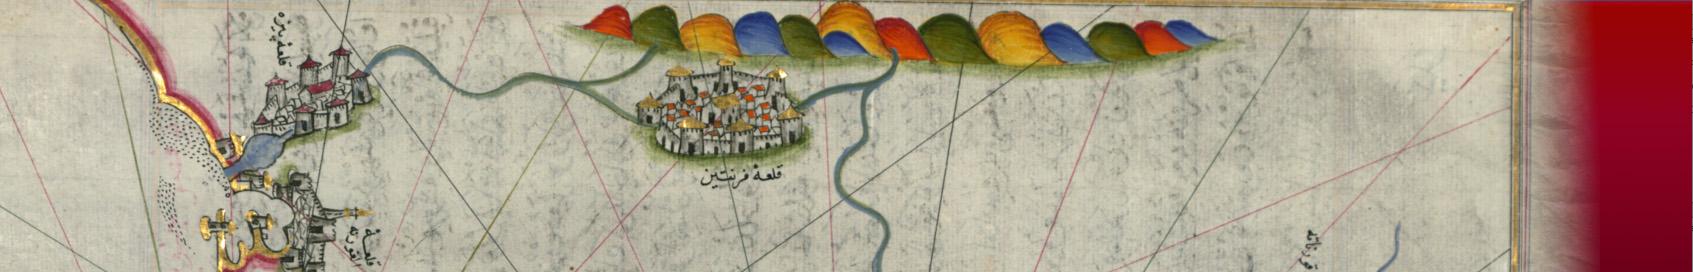 Contatti - Pisa e Islam